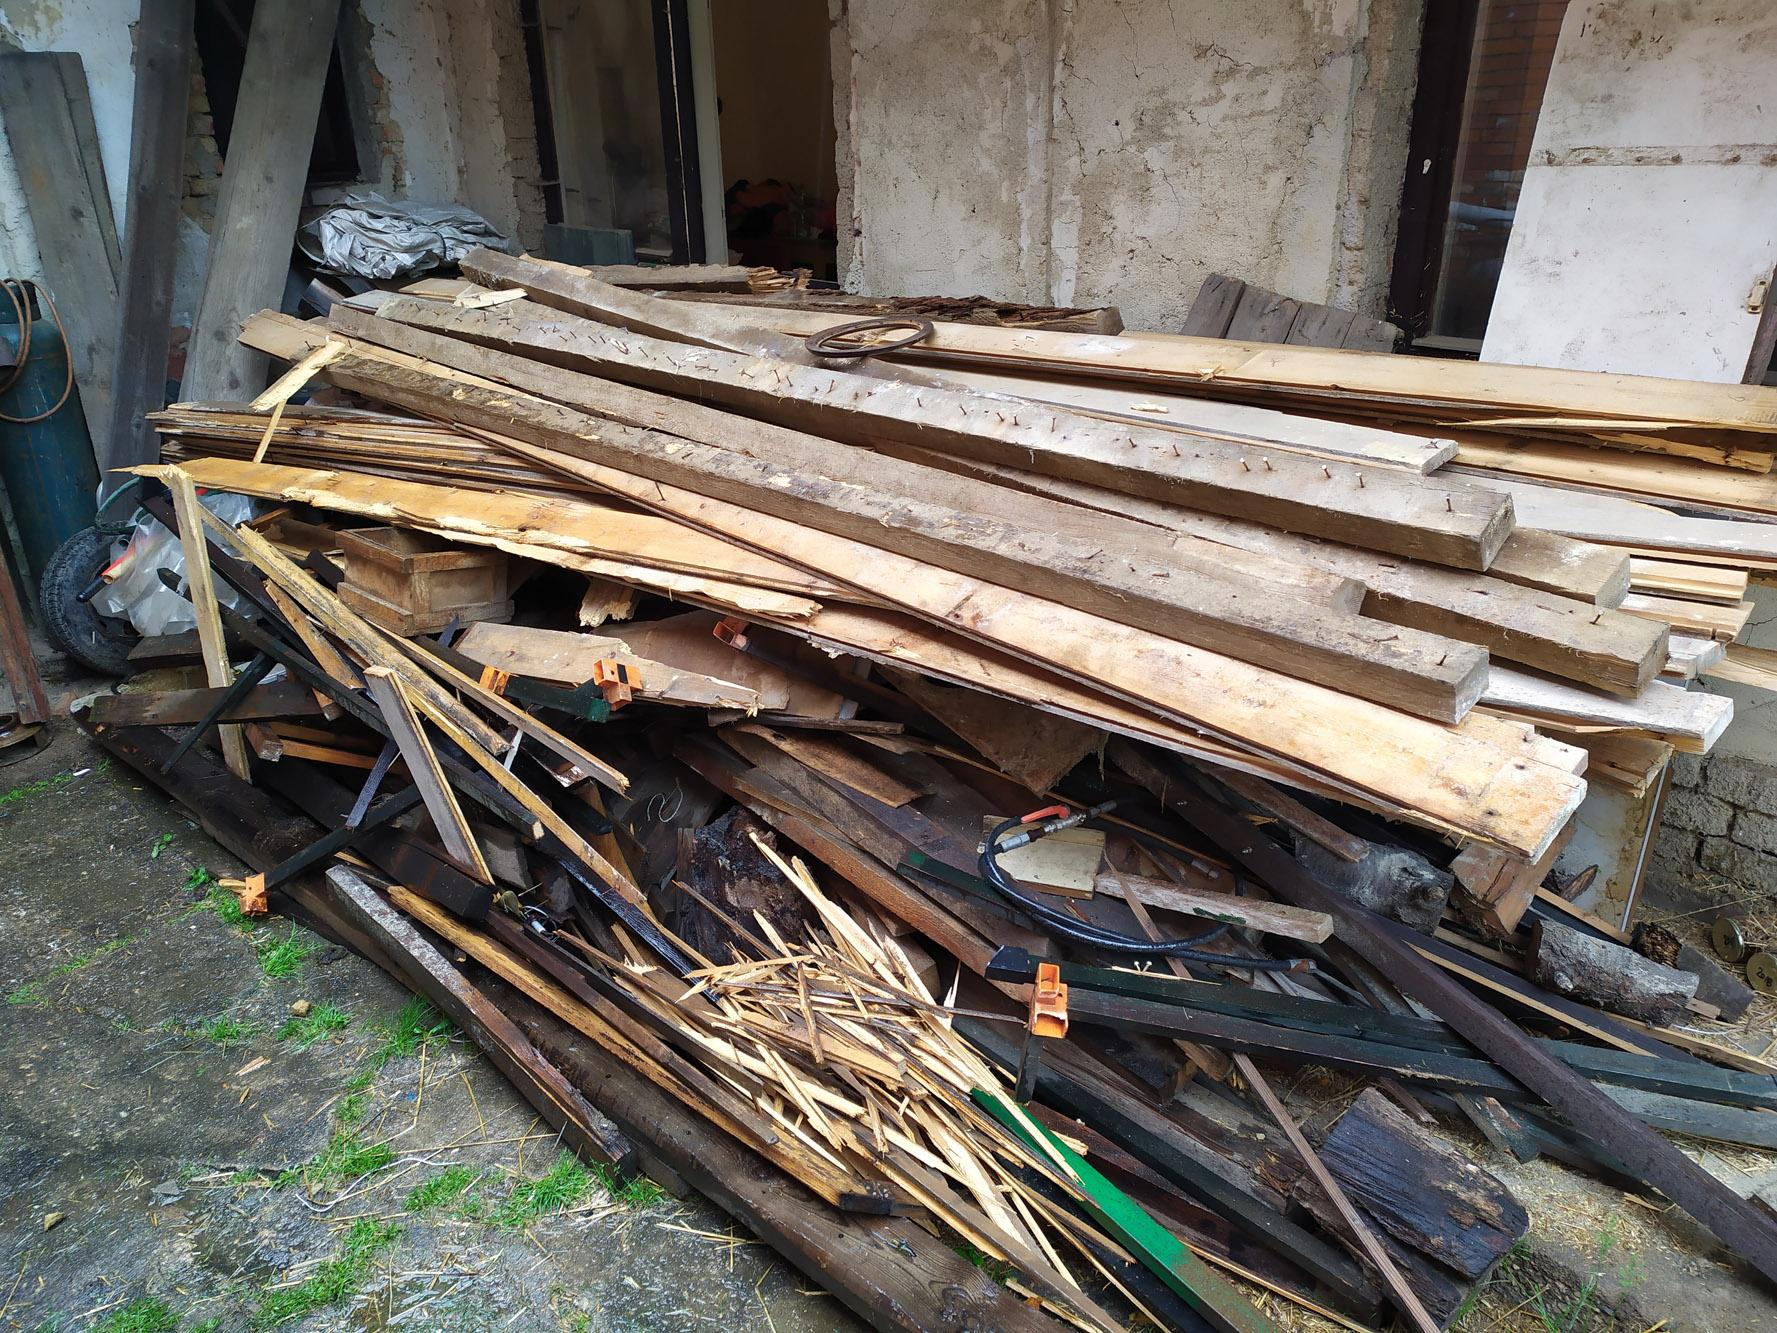 Bourání staré a stavba nové řadovky - Horší dřevo se nám podařilo udat za odvoz, lepší jsme si nechali do krbu